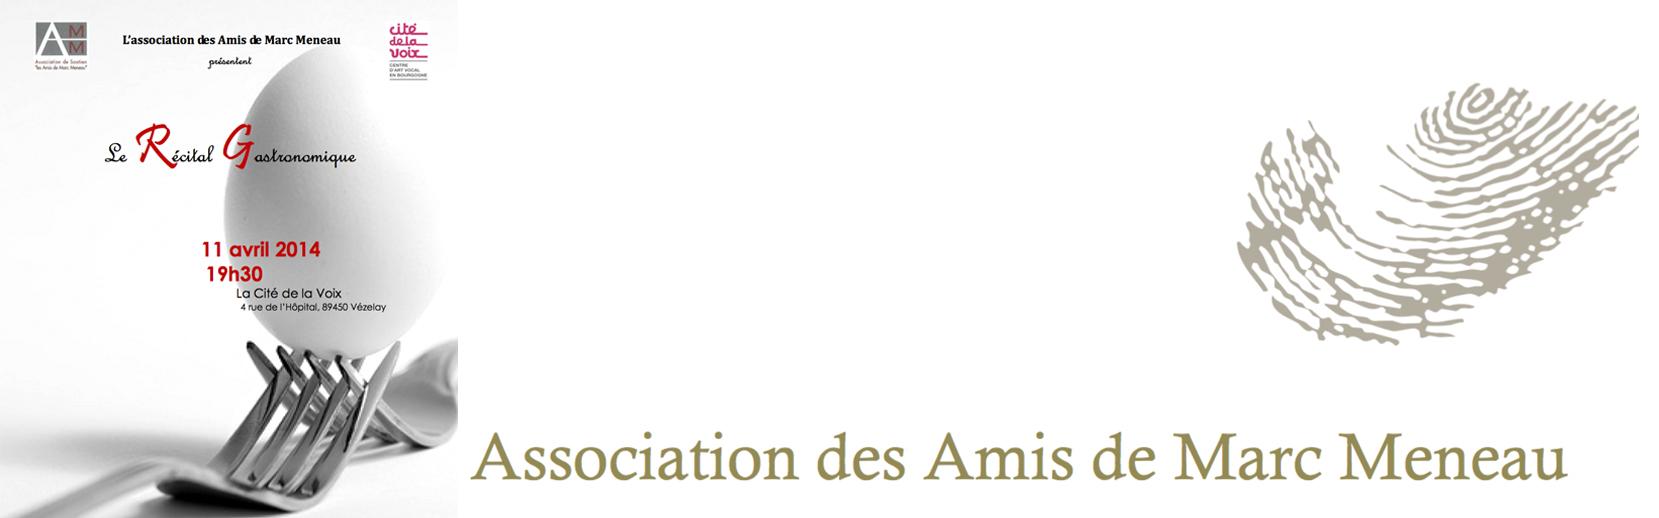 Association Les Amis de Marc Meneau